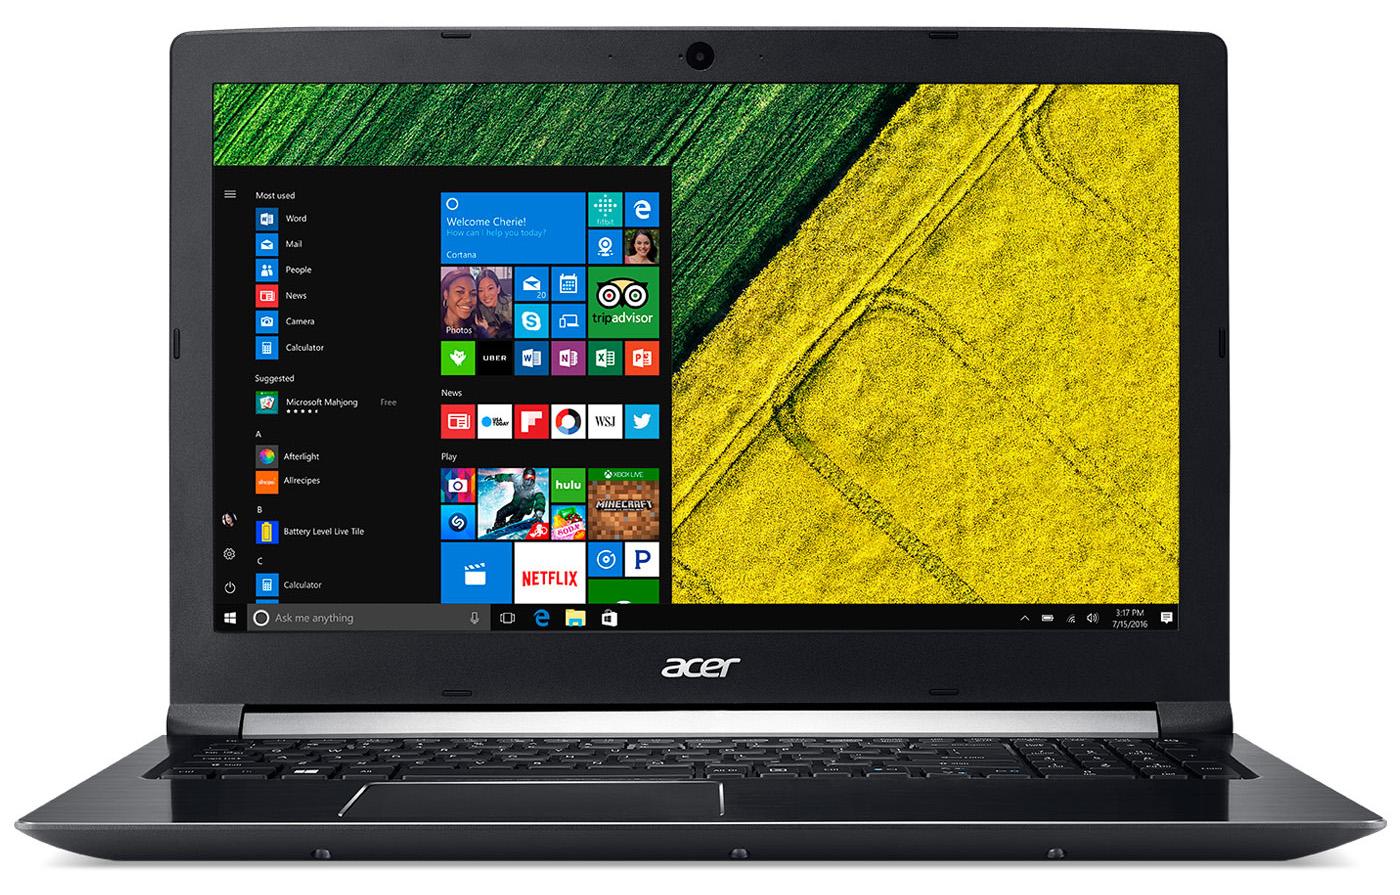 Acer Aspire 7 A715 72g